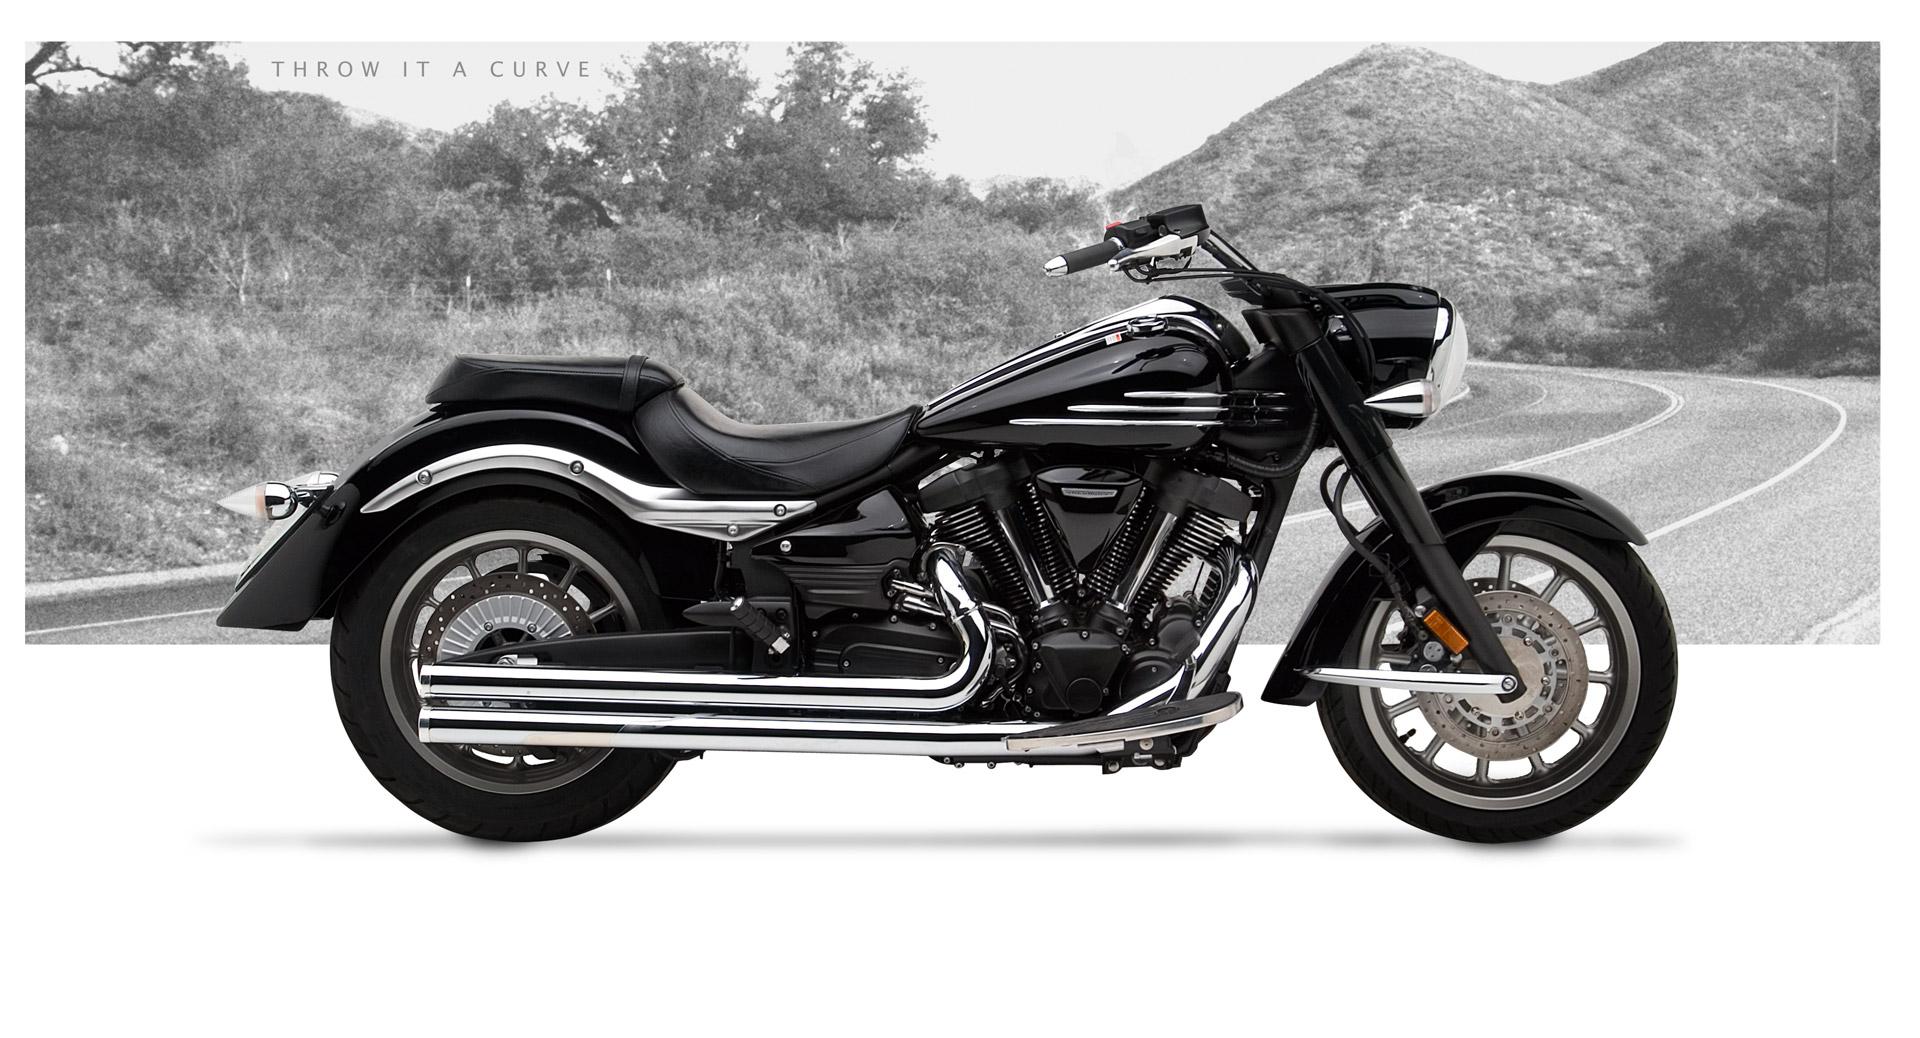 Yamaha Roadliner 1900 Motorcycle Exhaust - American Classic II ...